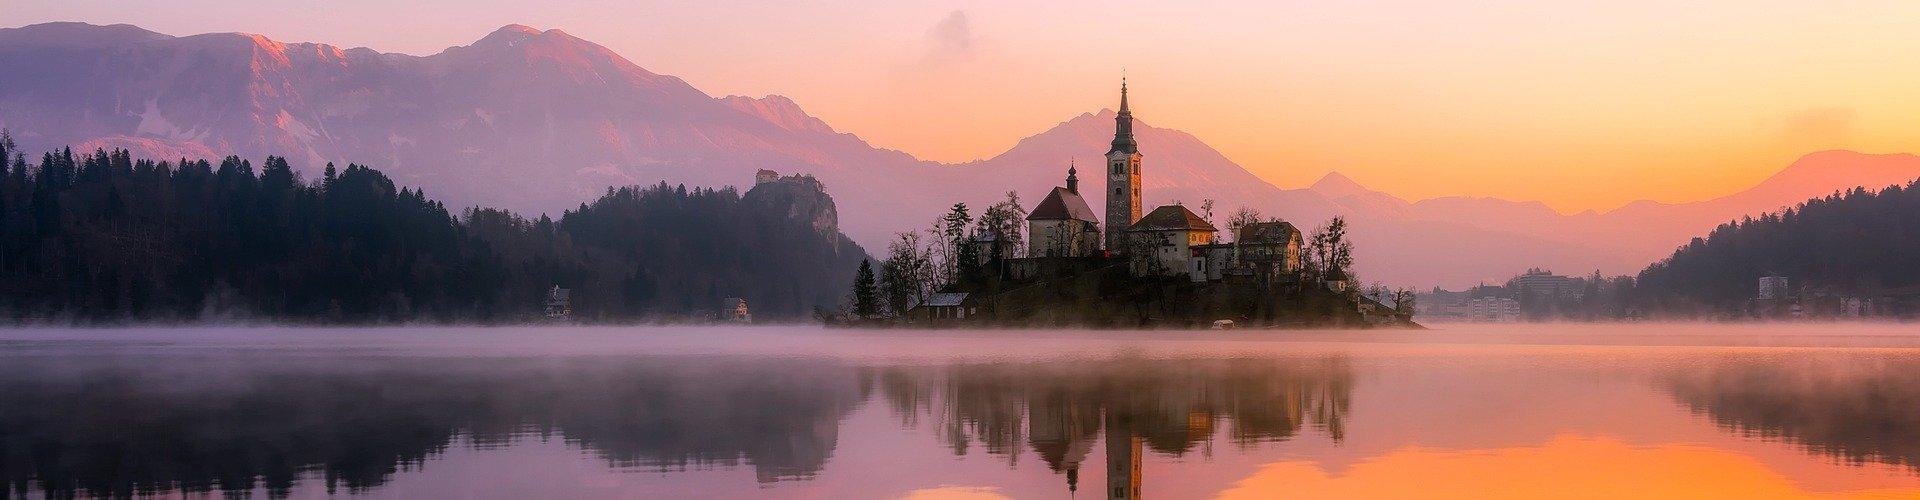 Auf ins grüne Juwel Europas: Unsere Slowenien Reisetipps